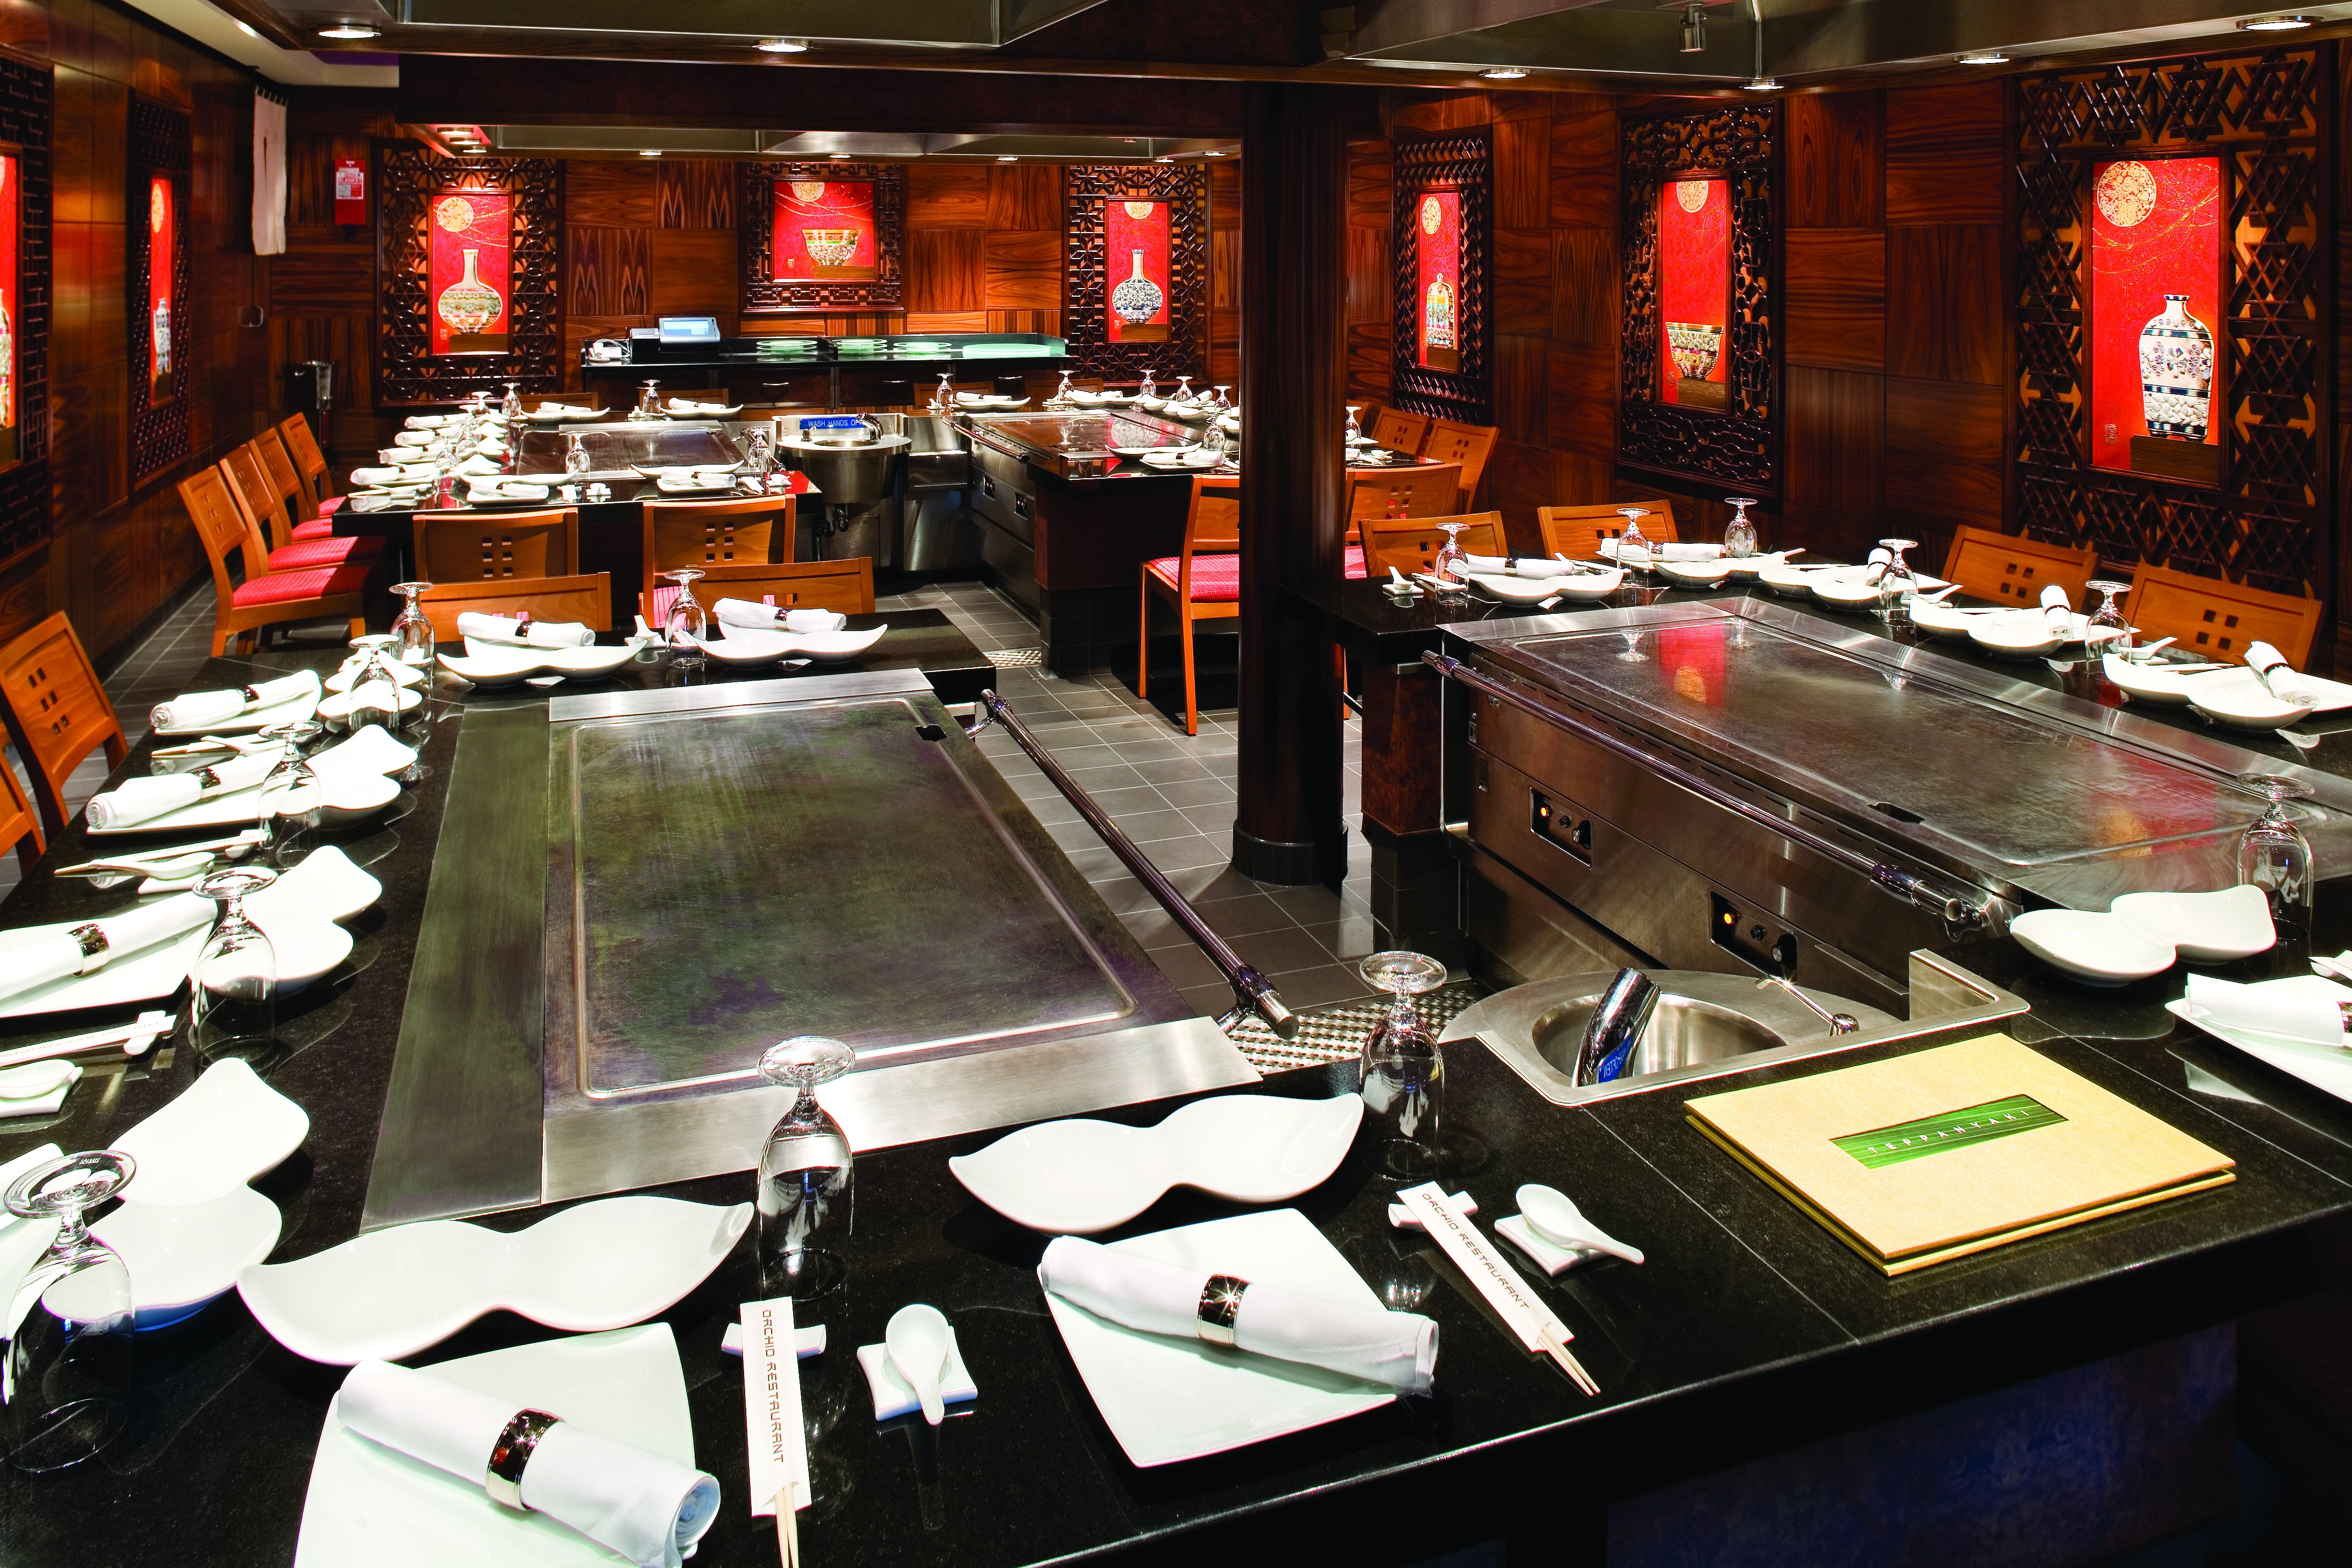 铁板烧餐厅 Teppanyaki